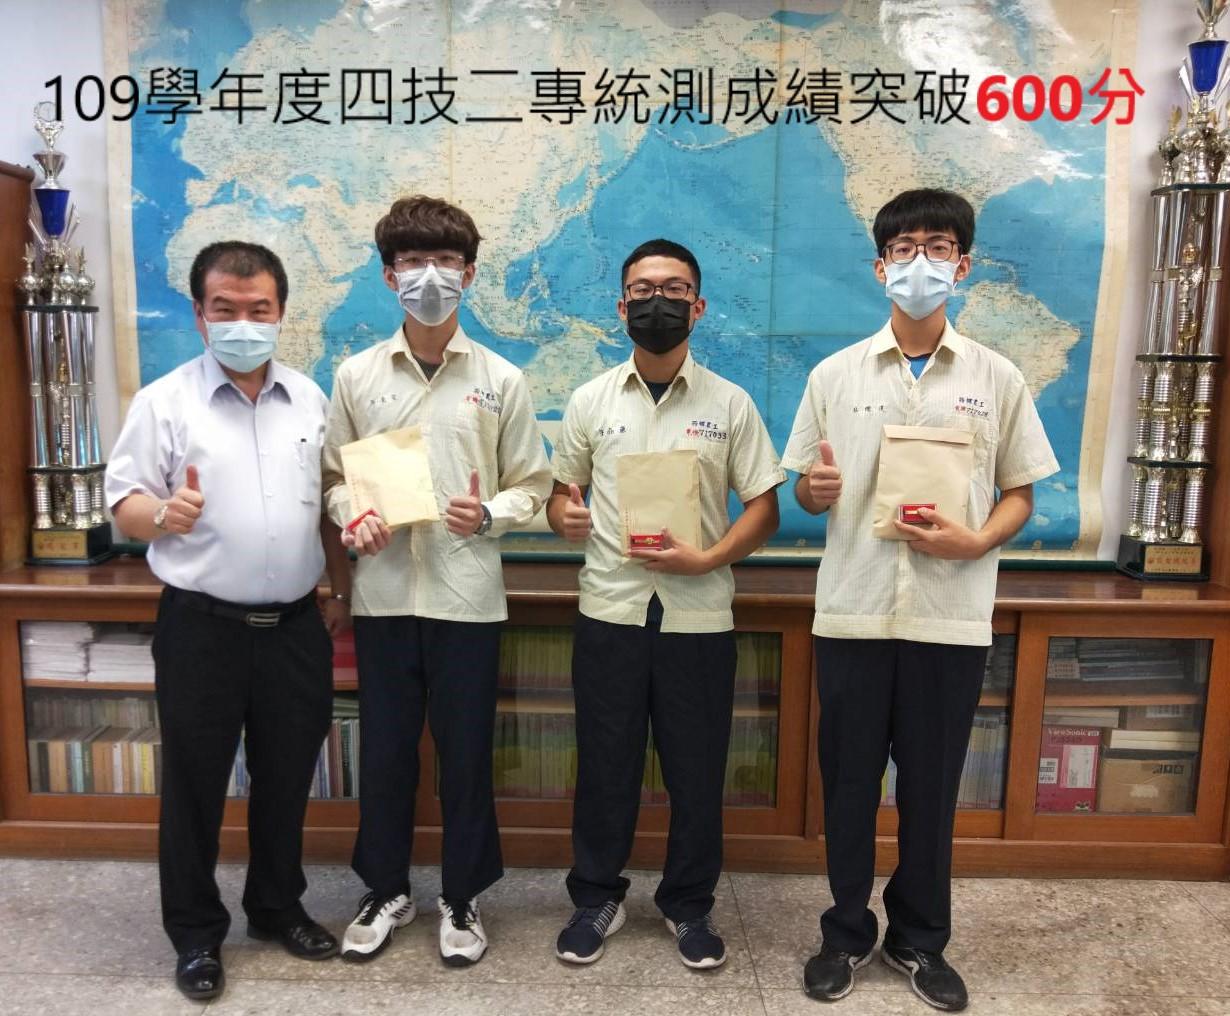 109學年度四技二專統測5位學生突破600分,其中電機科王生高達653分為雲嘉南榜首